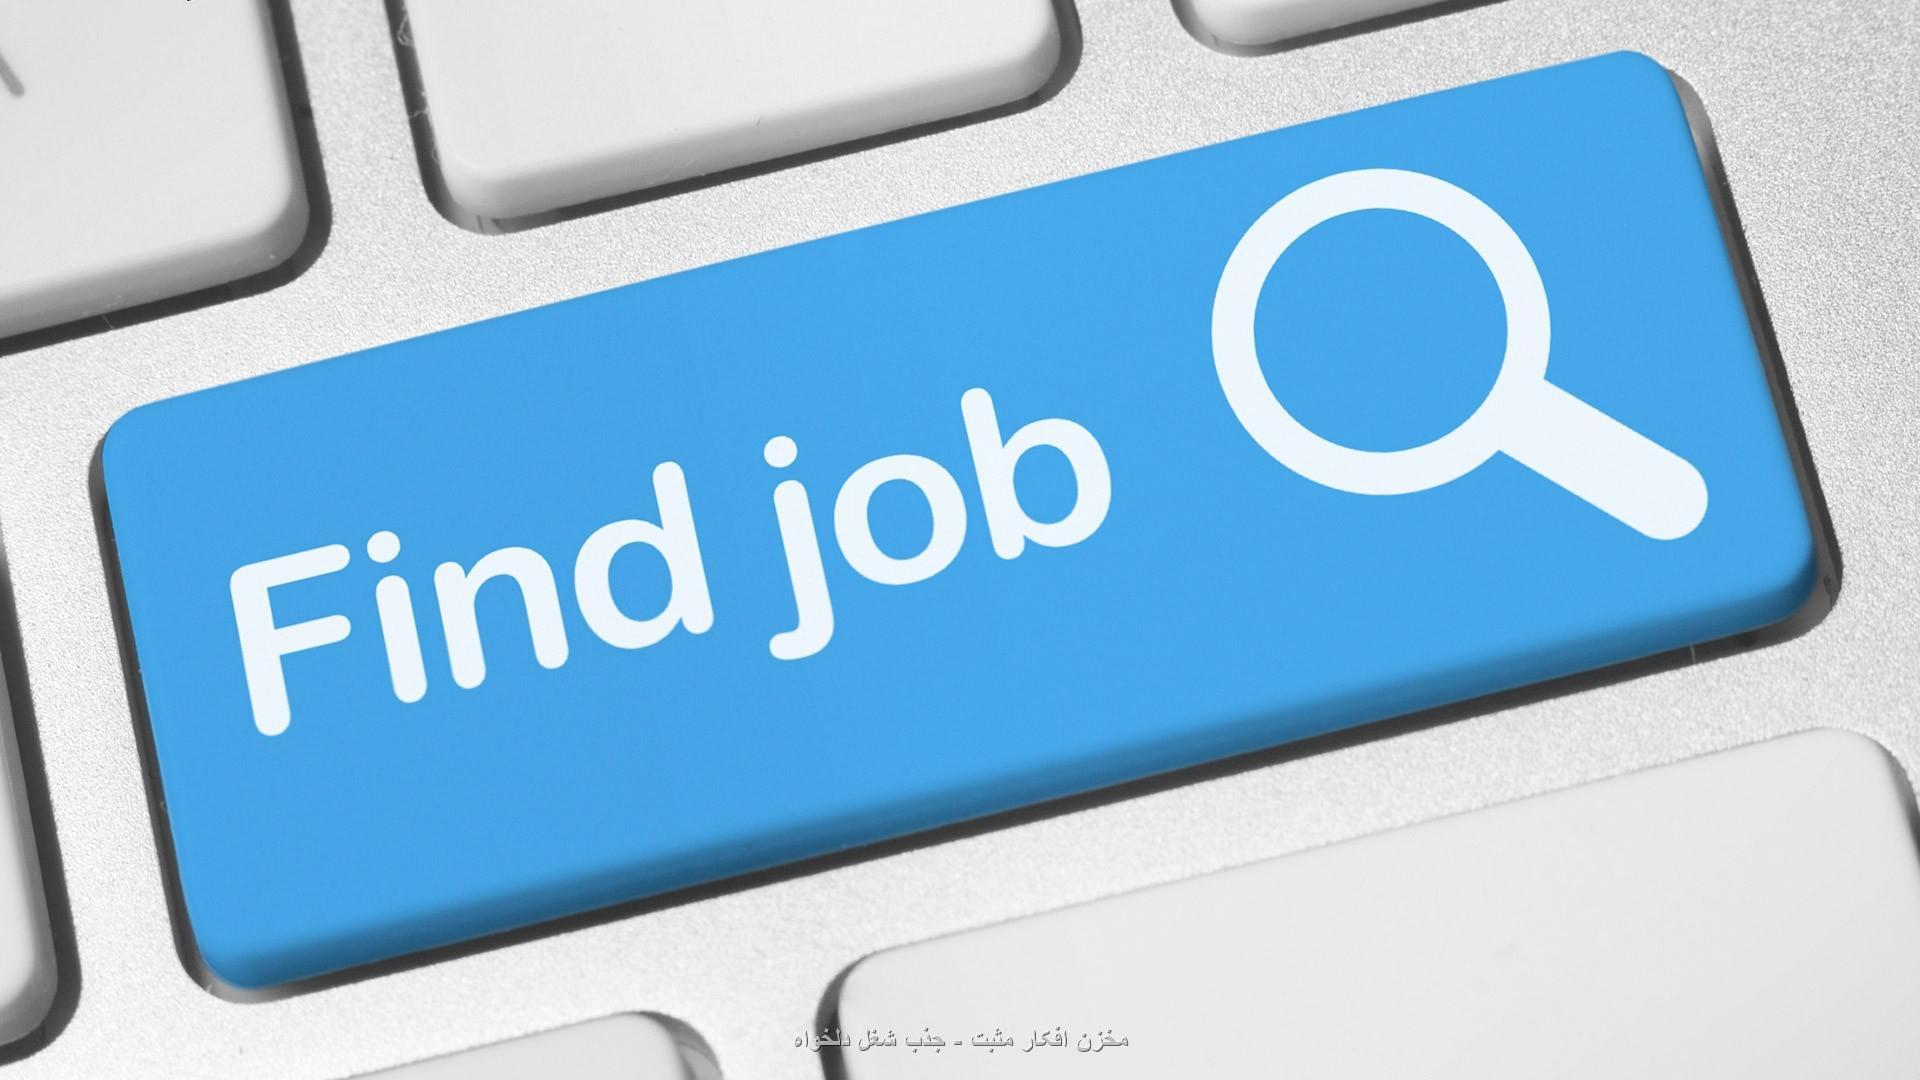 عشق به کار و جذب شغل دلخواه